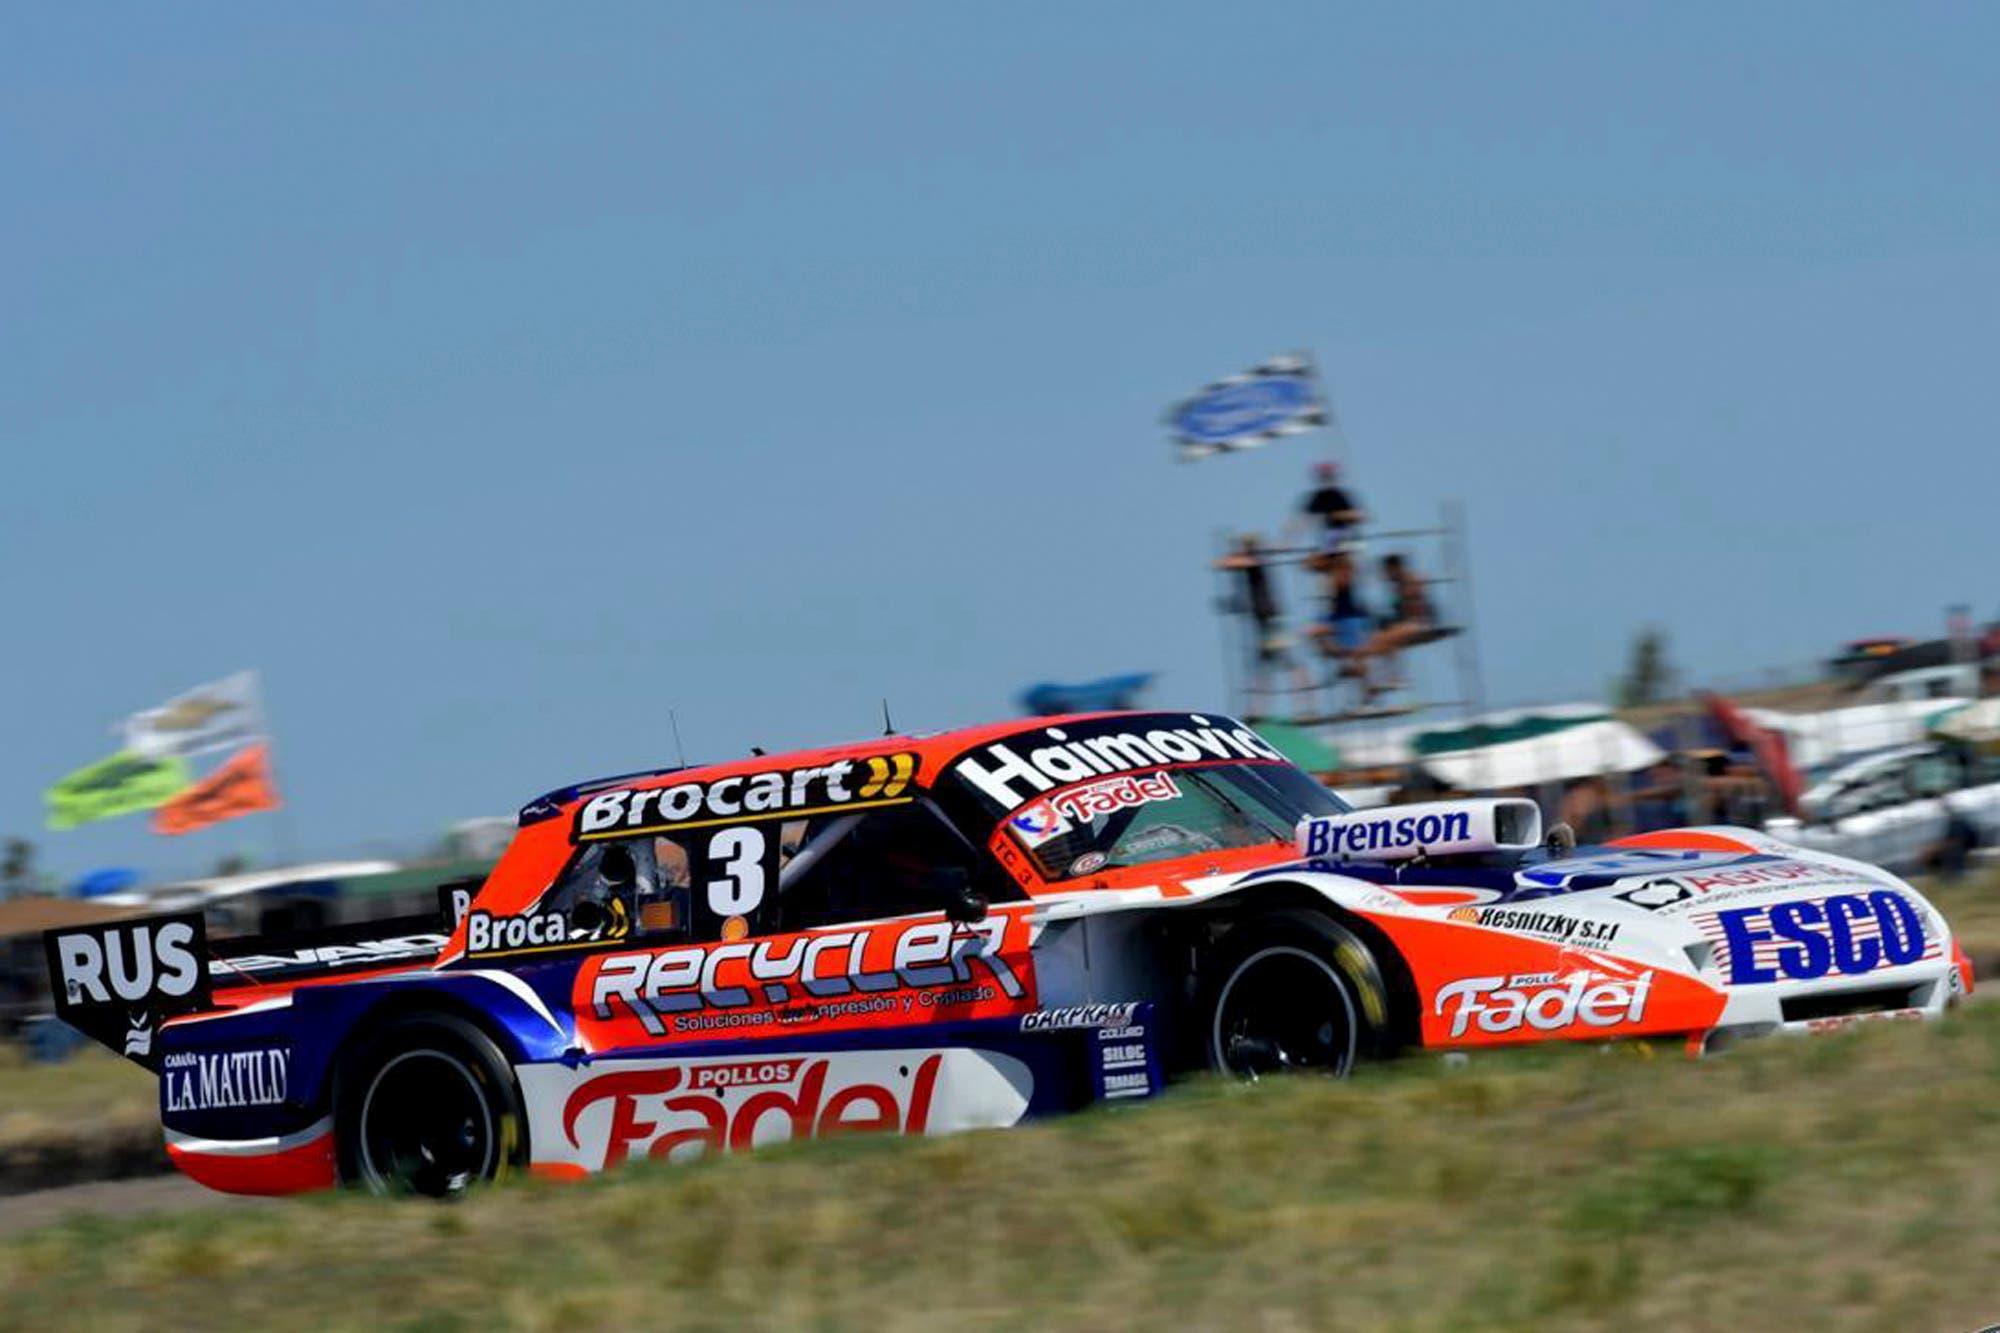 Werner se quedó con la pole position